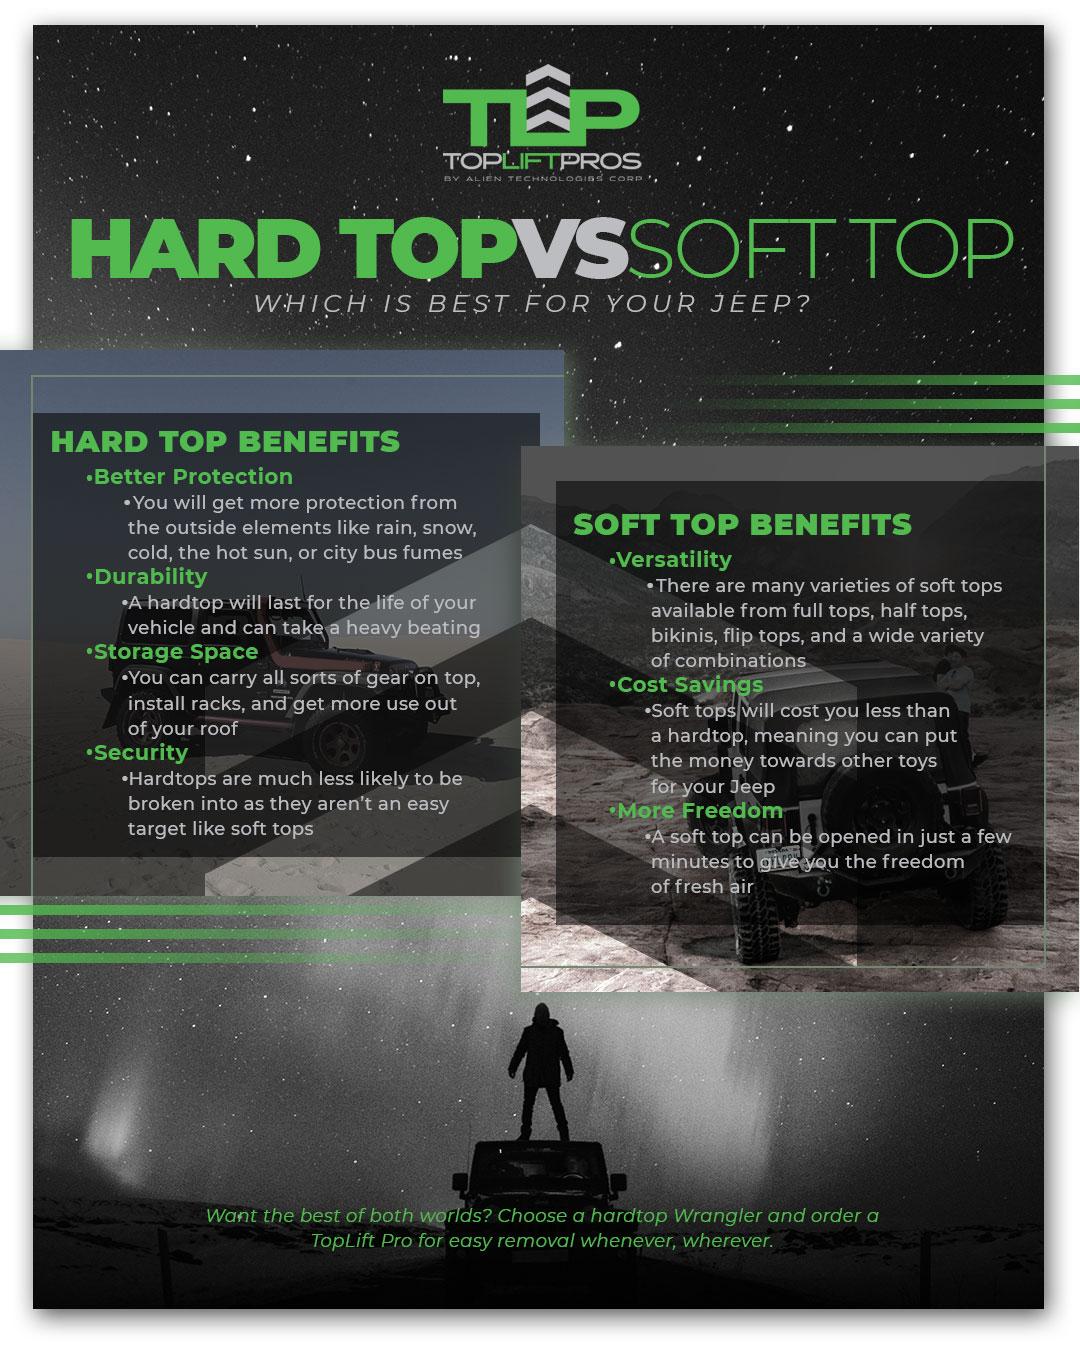 Hard Top Jeep versus Soft Top Jeep benefits